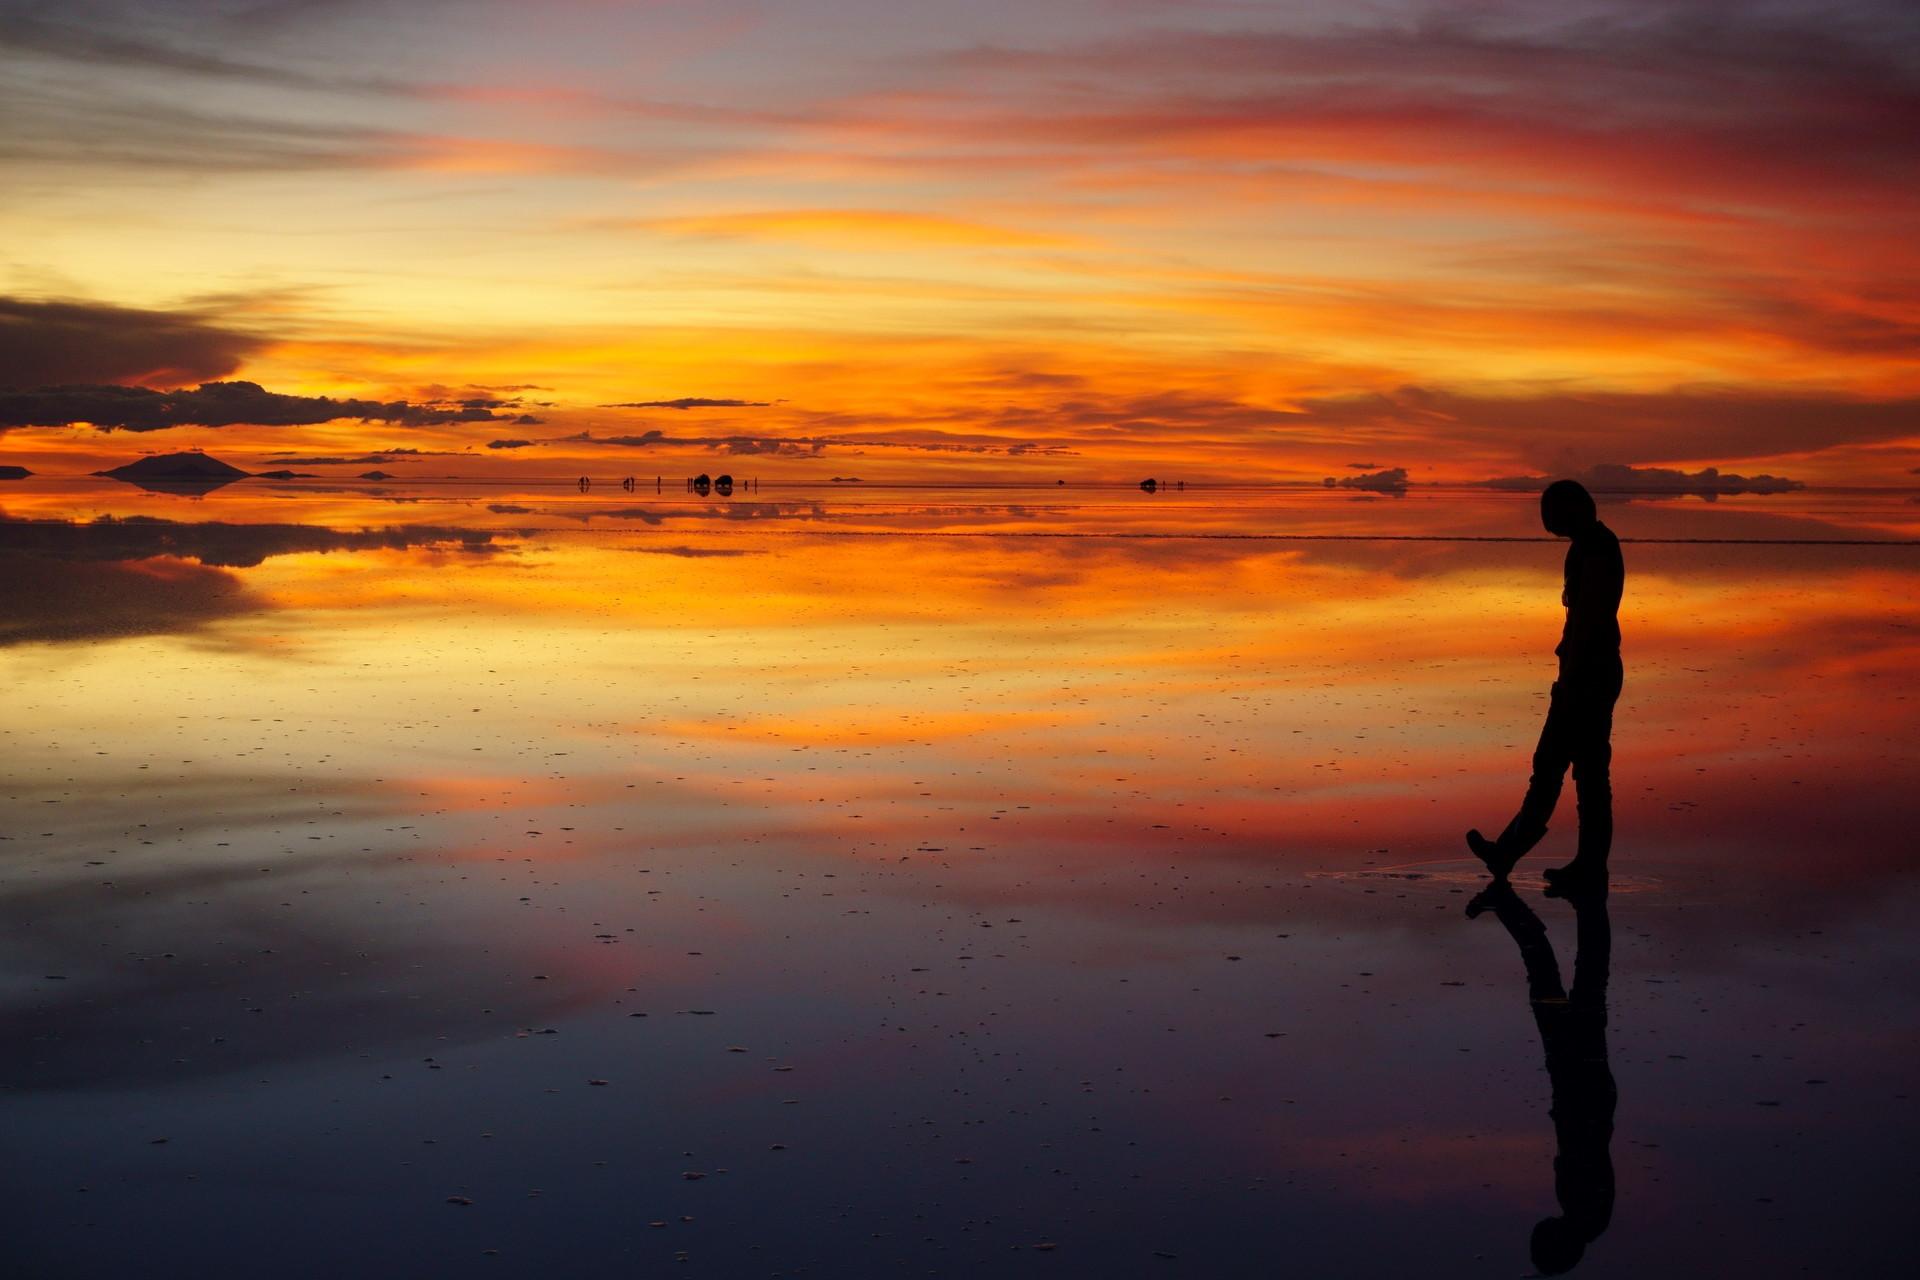 ボリビア ウユニ塩湖 サンセットサンライズ 影絵